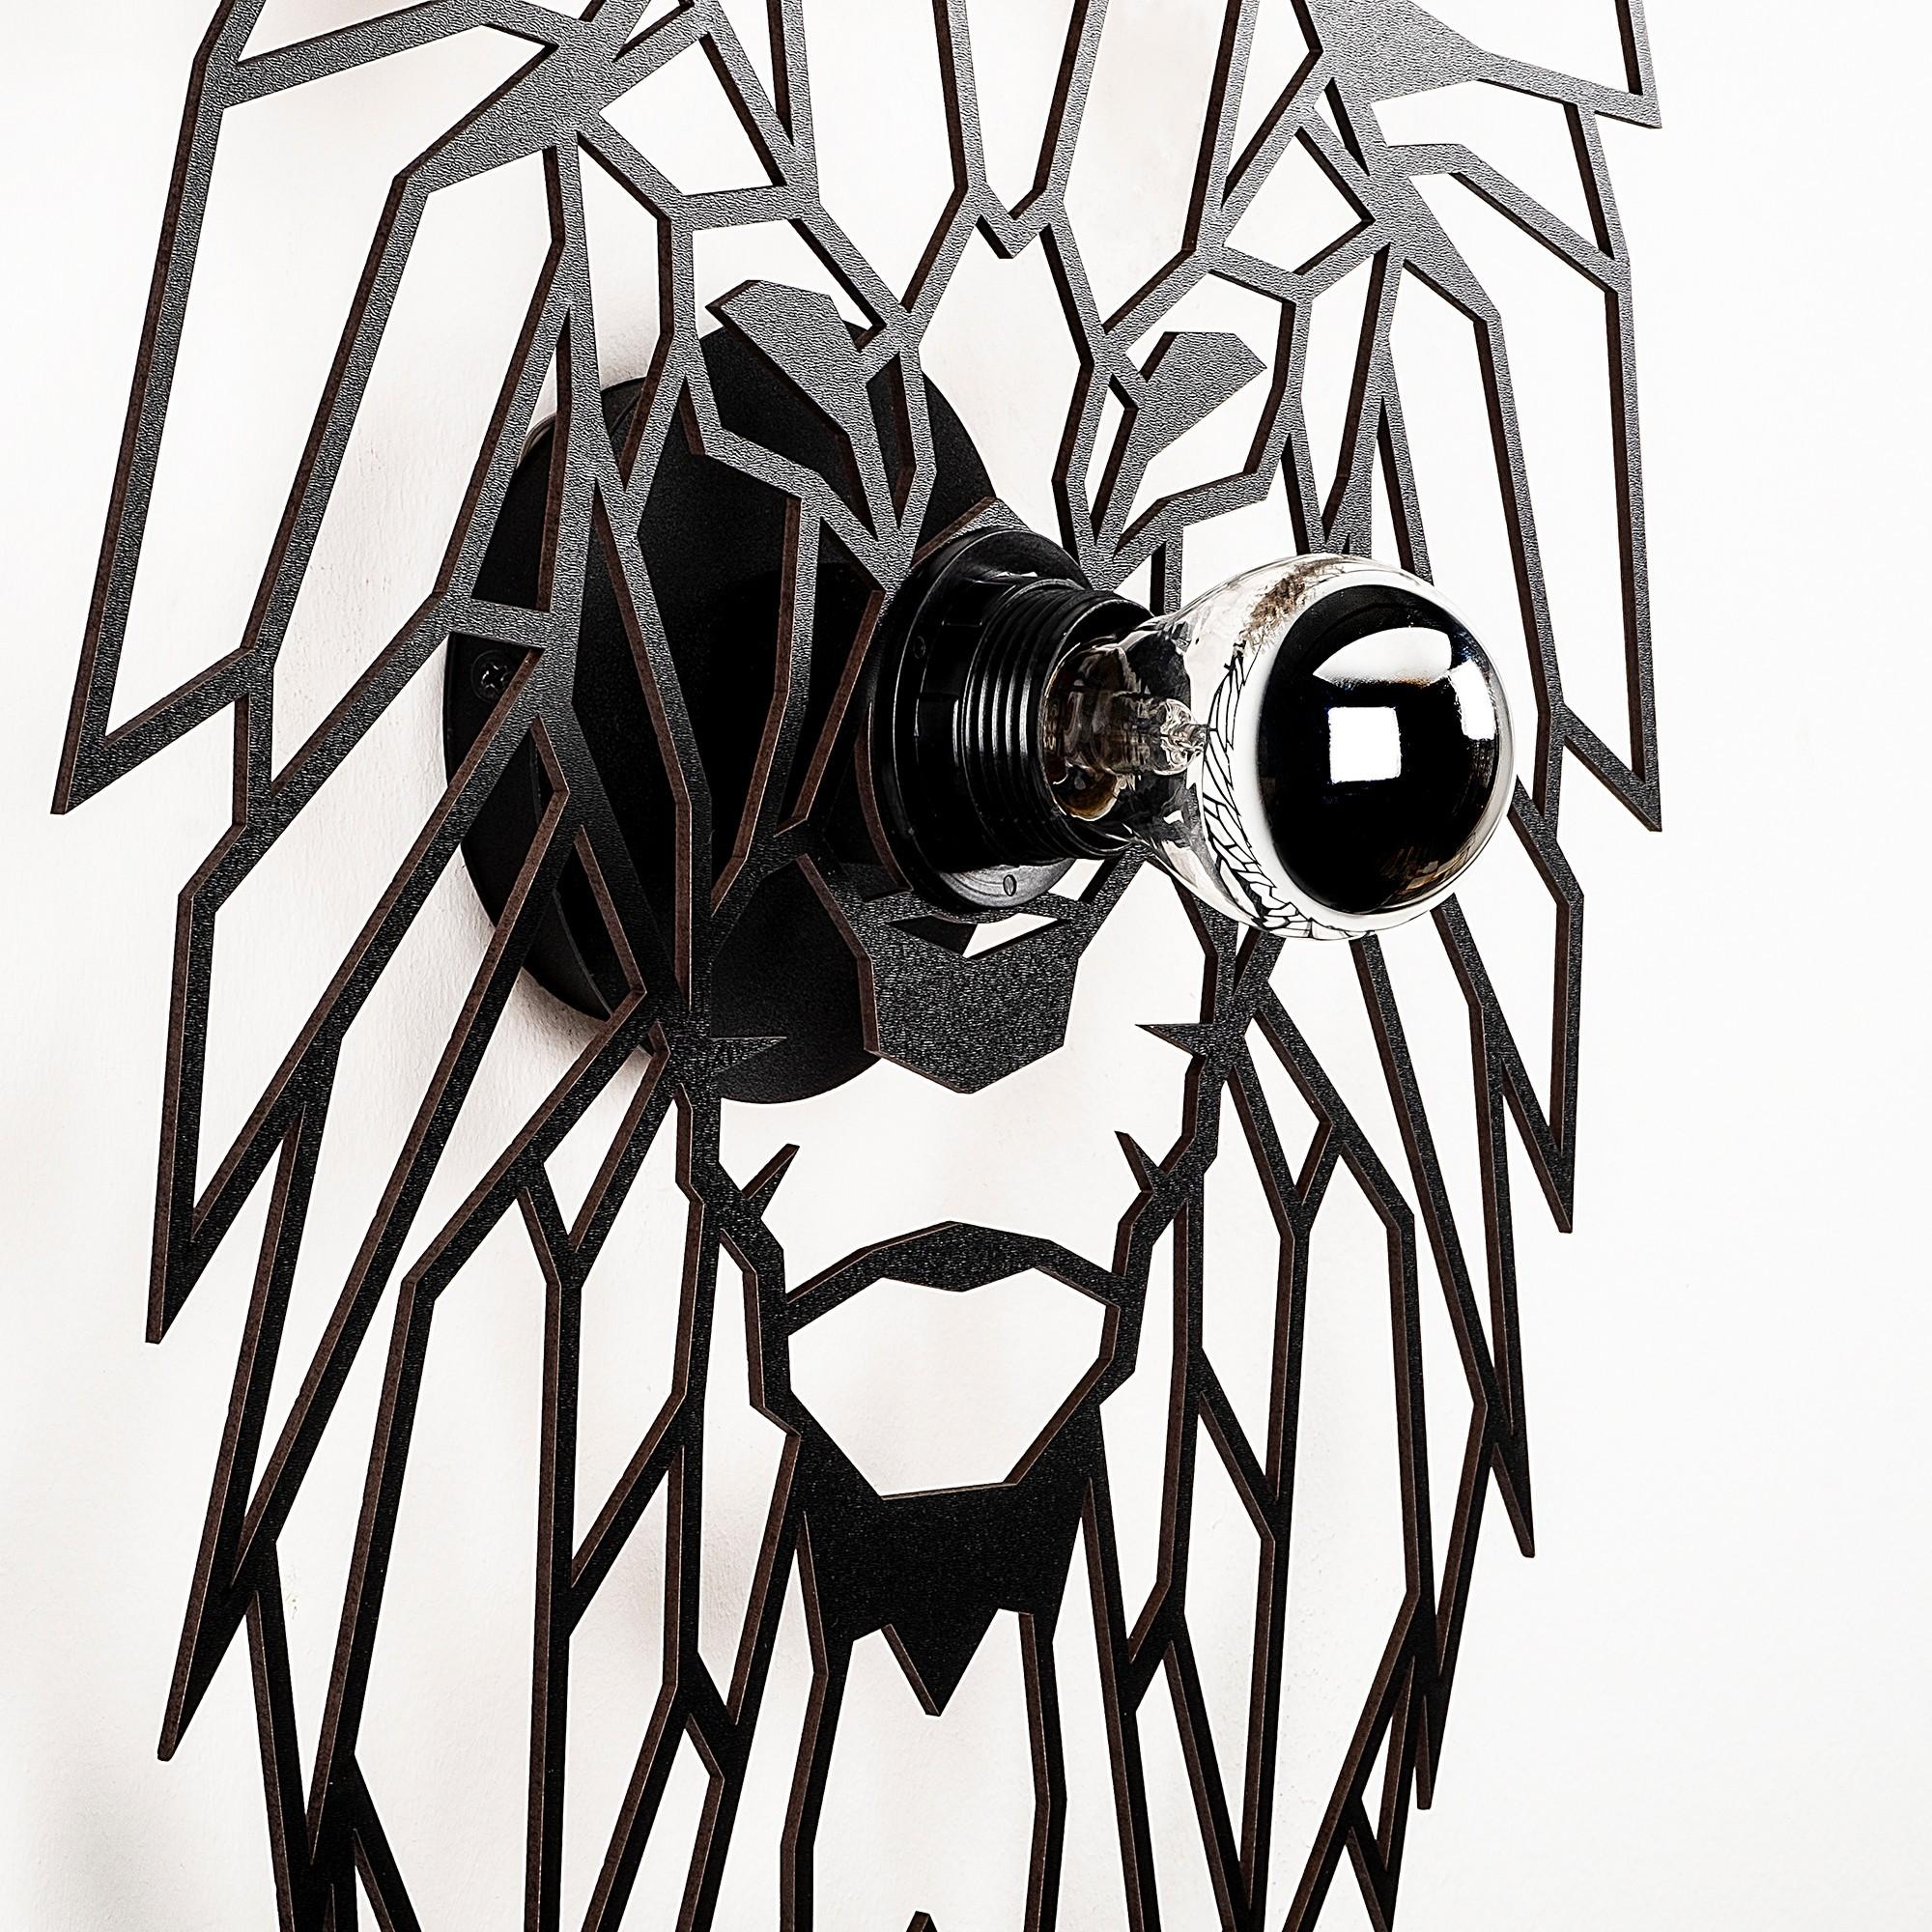 LED industriële wanddeco lamp dieren - Tijger - dimbaar - E27 fitting - zijaanzicht